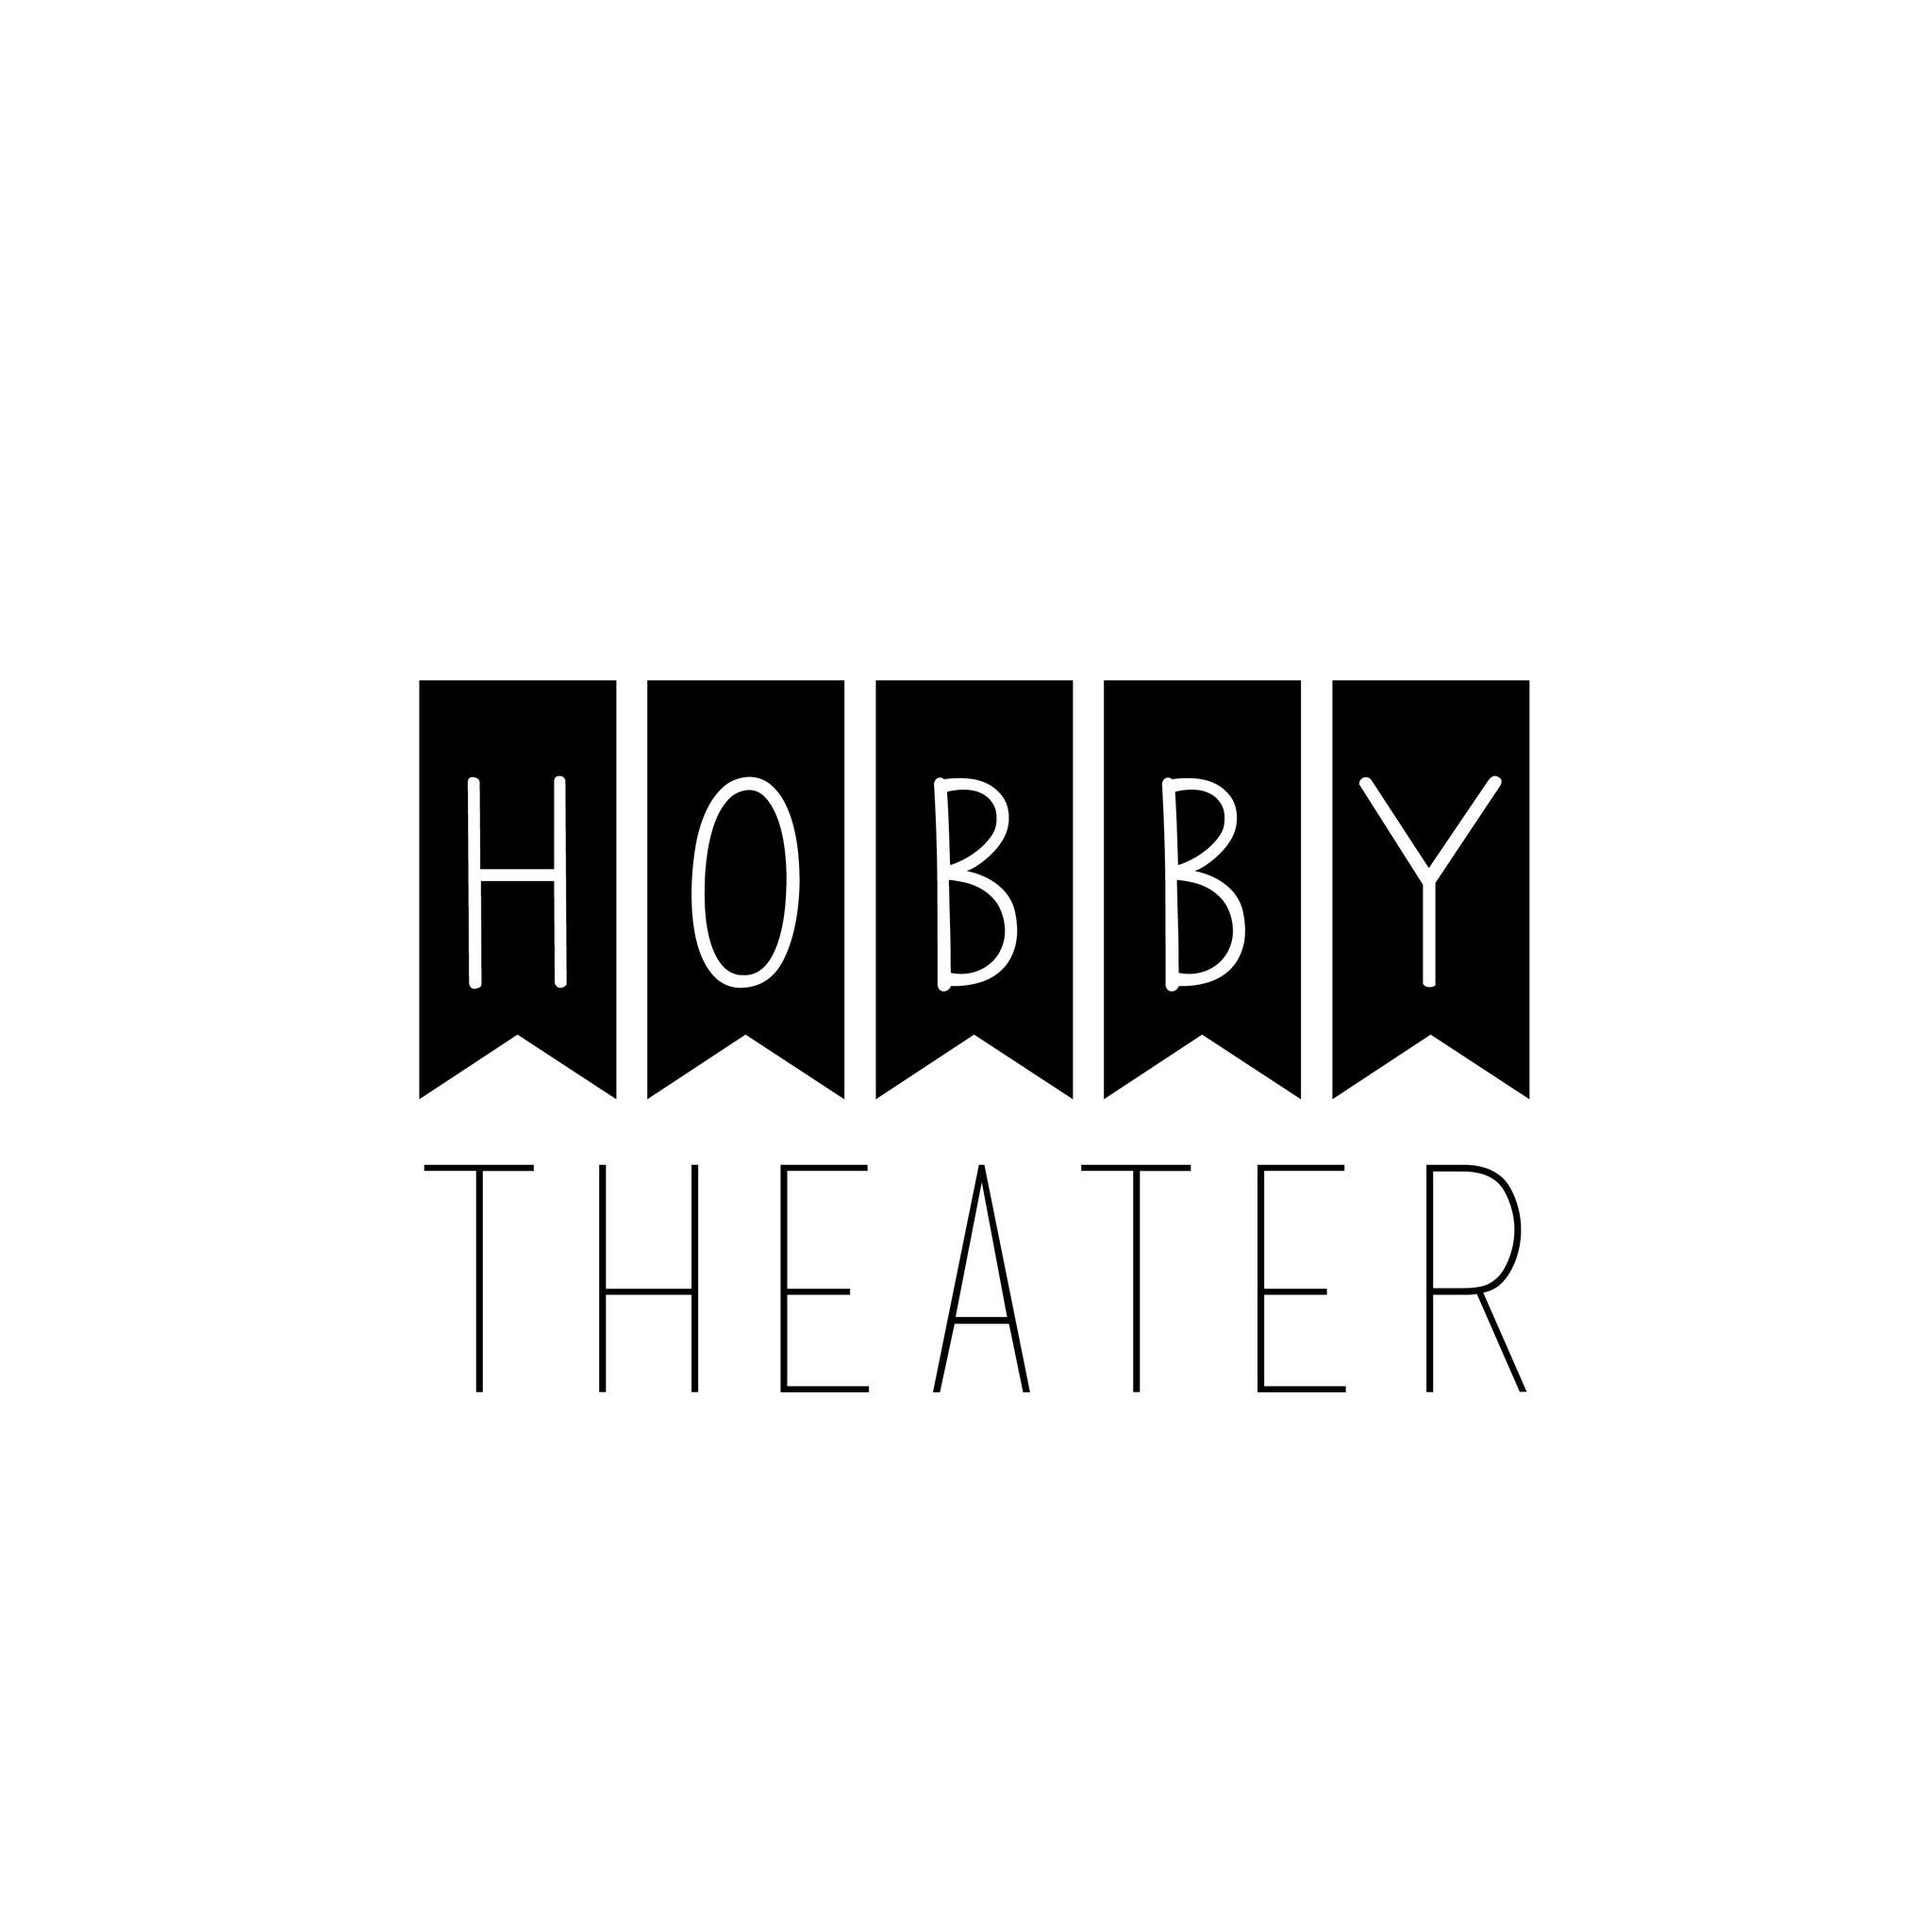 Het Hobby Theater - Maastricht - Huisstijl